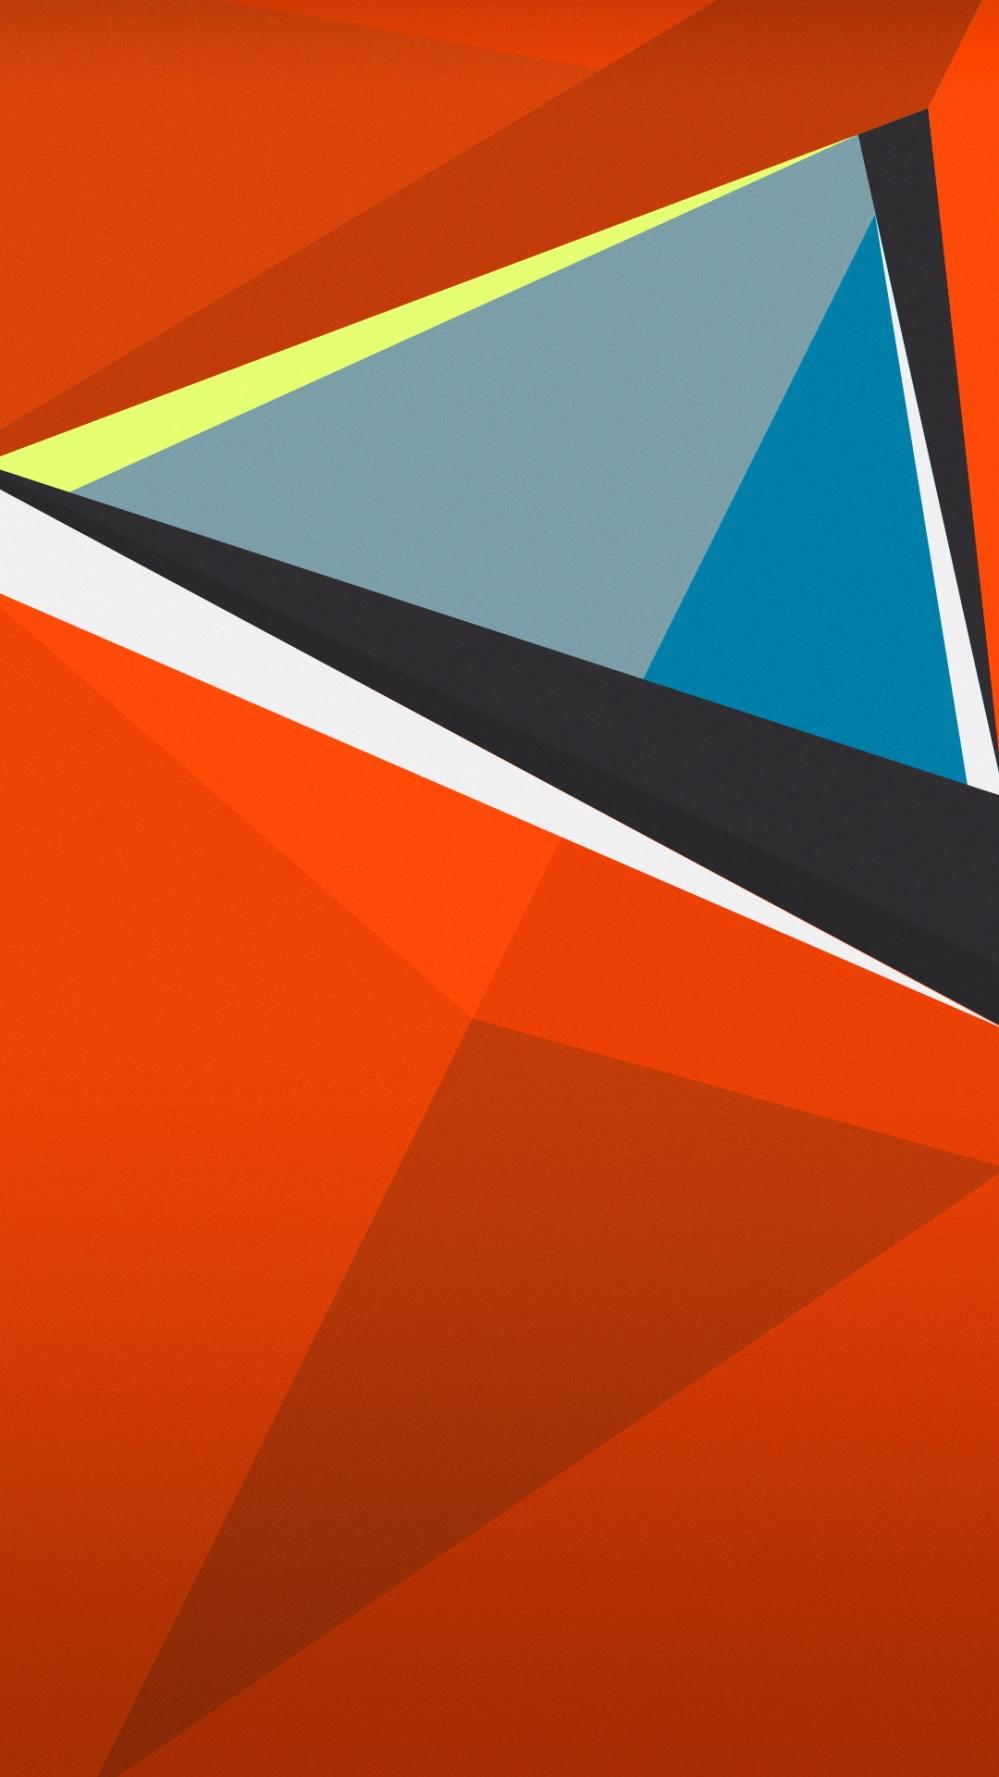 wallpapers_c_04